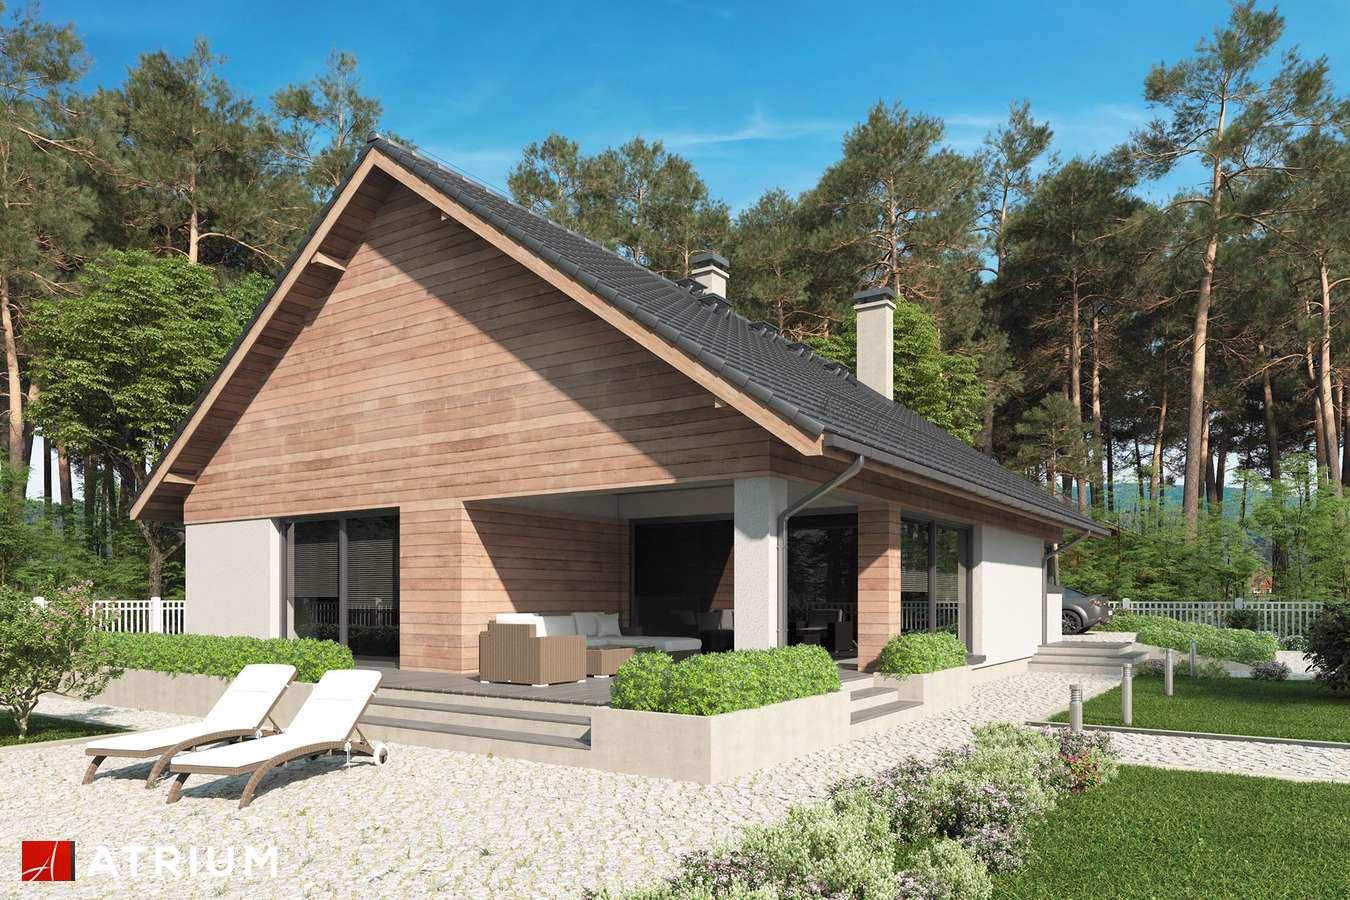 Projekty domów - Projekt domu parterowego MERLIN SP - wizualizacja 2